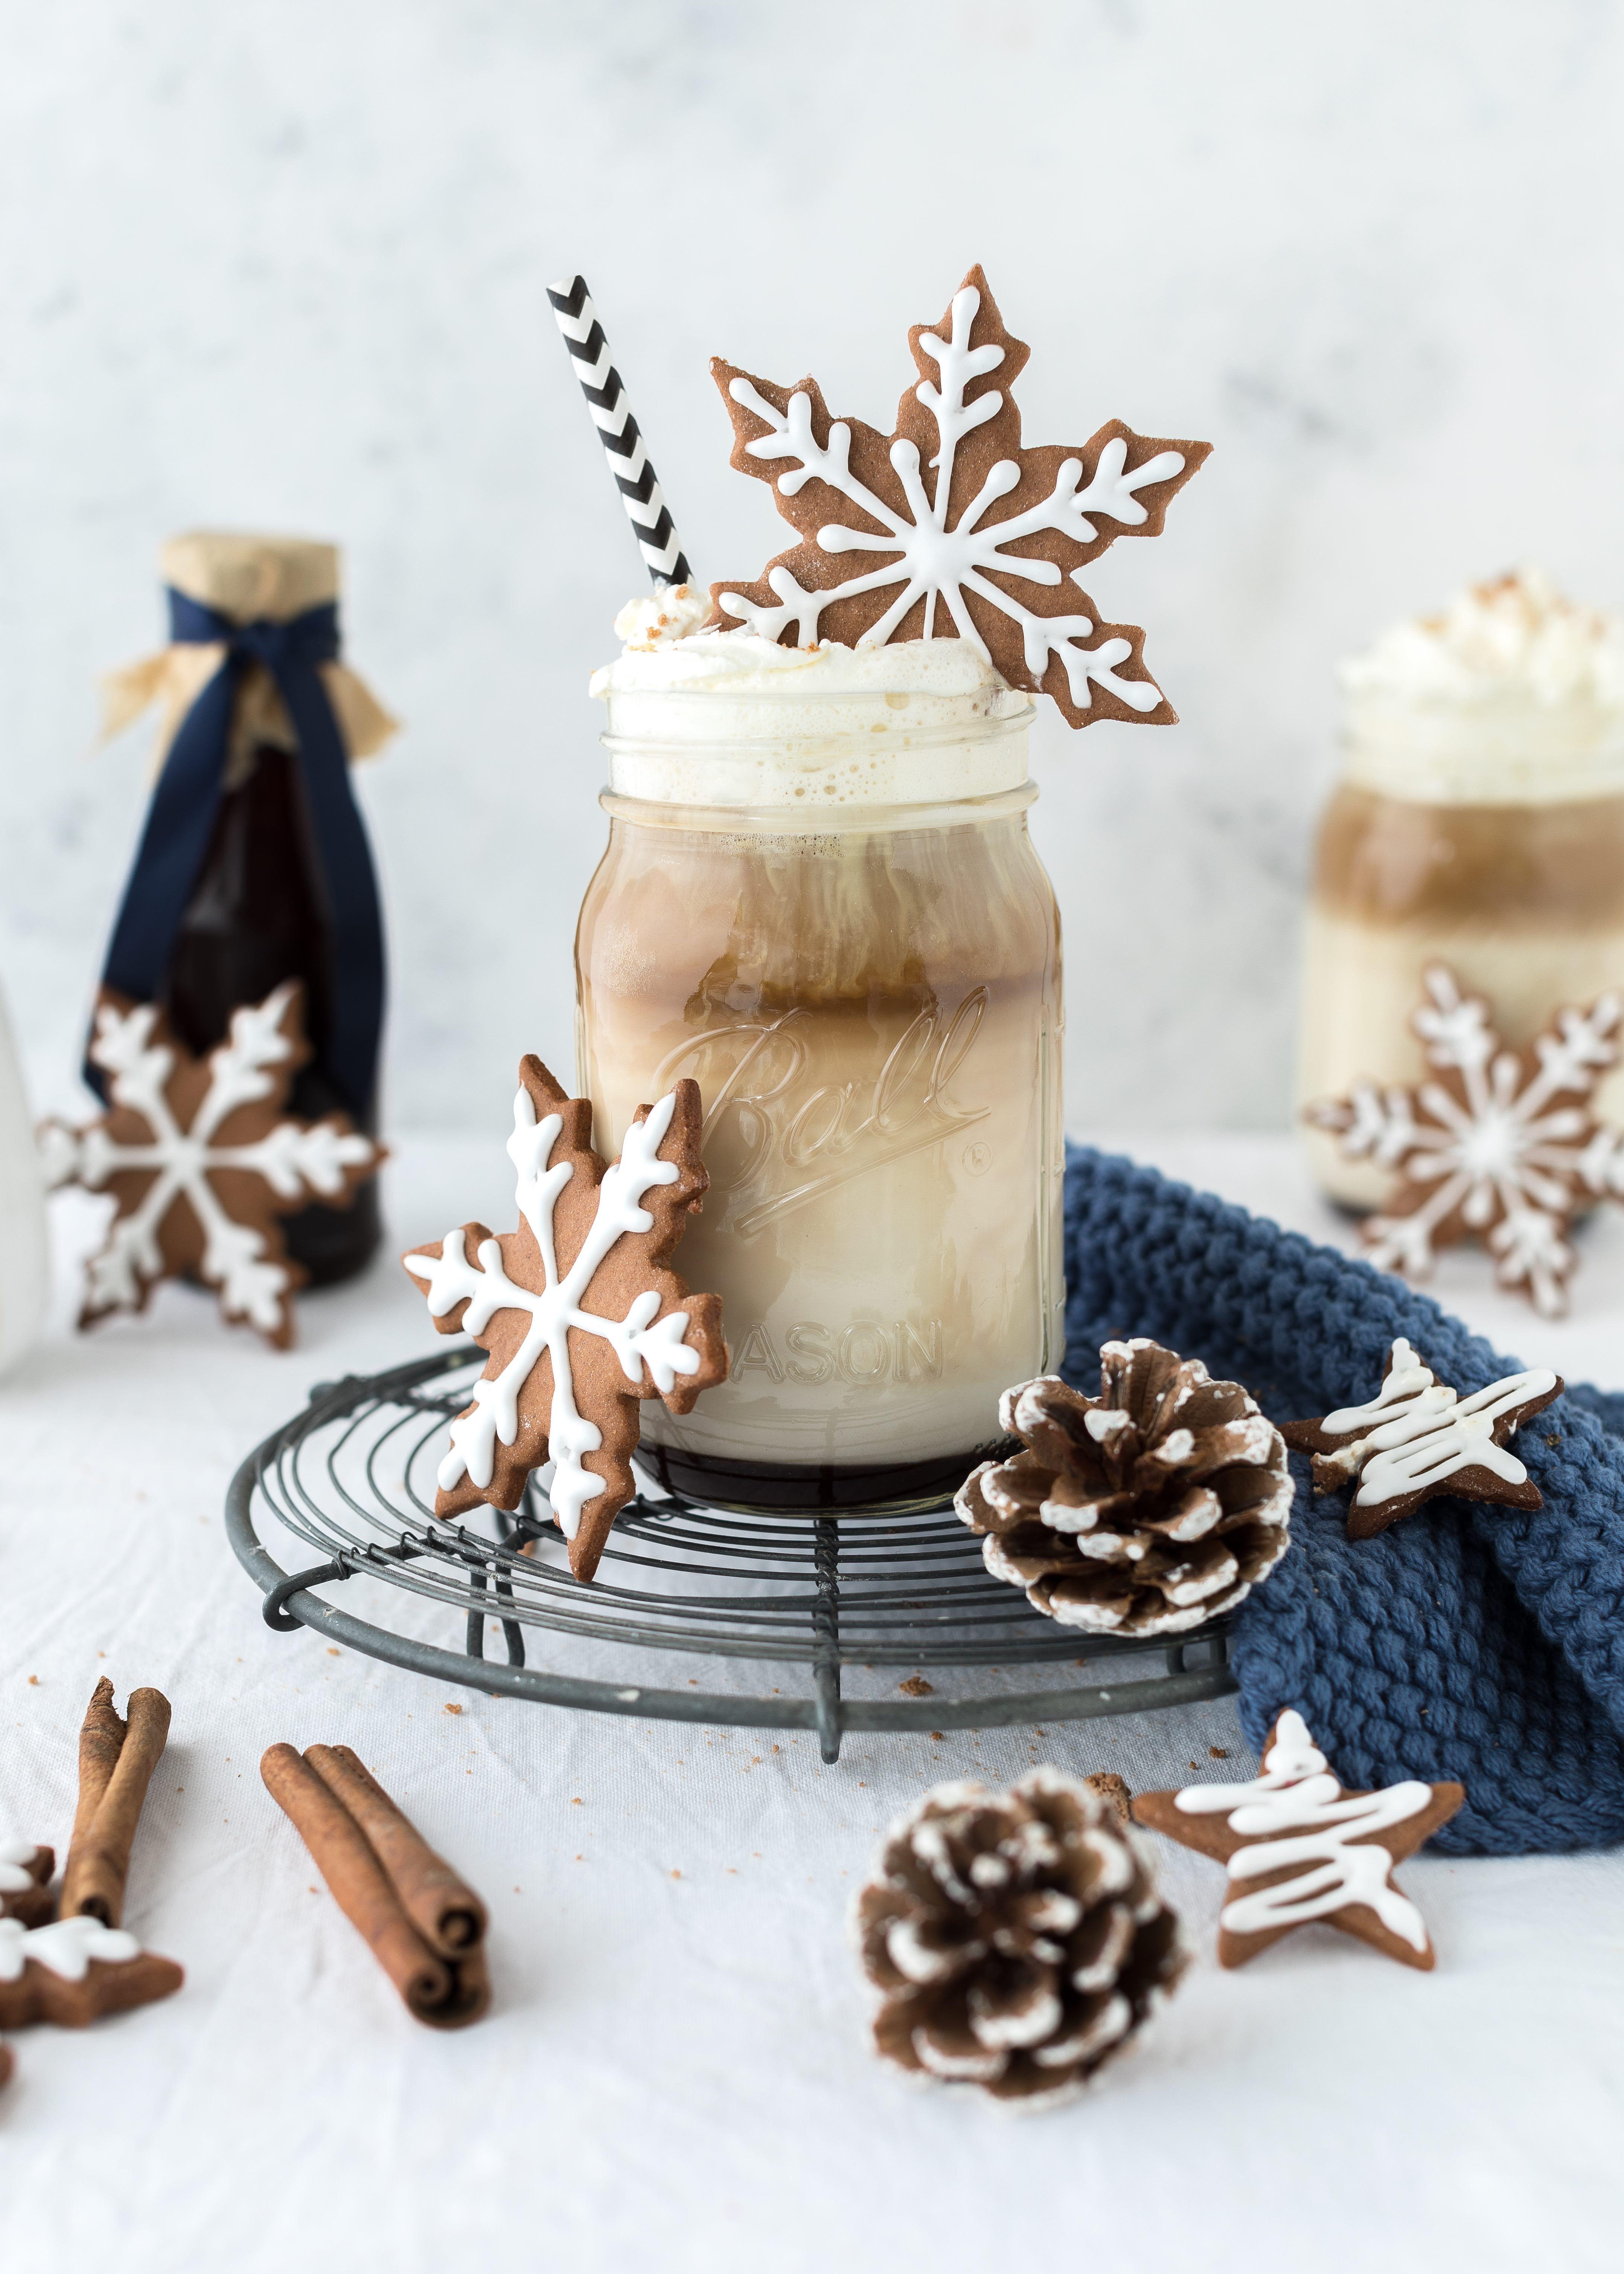 Gingerbread-Plätzchen, -Sirup & -Latte Macchiato #lattemacchiato